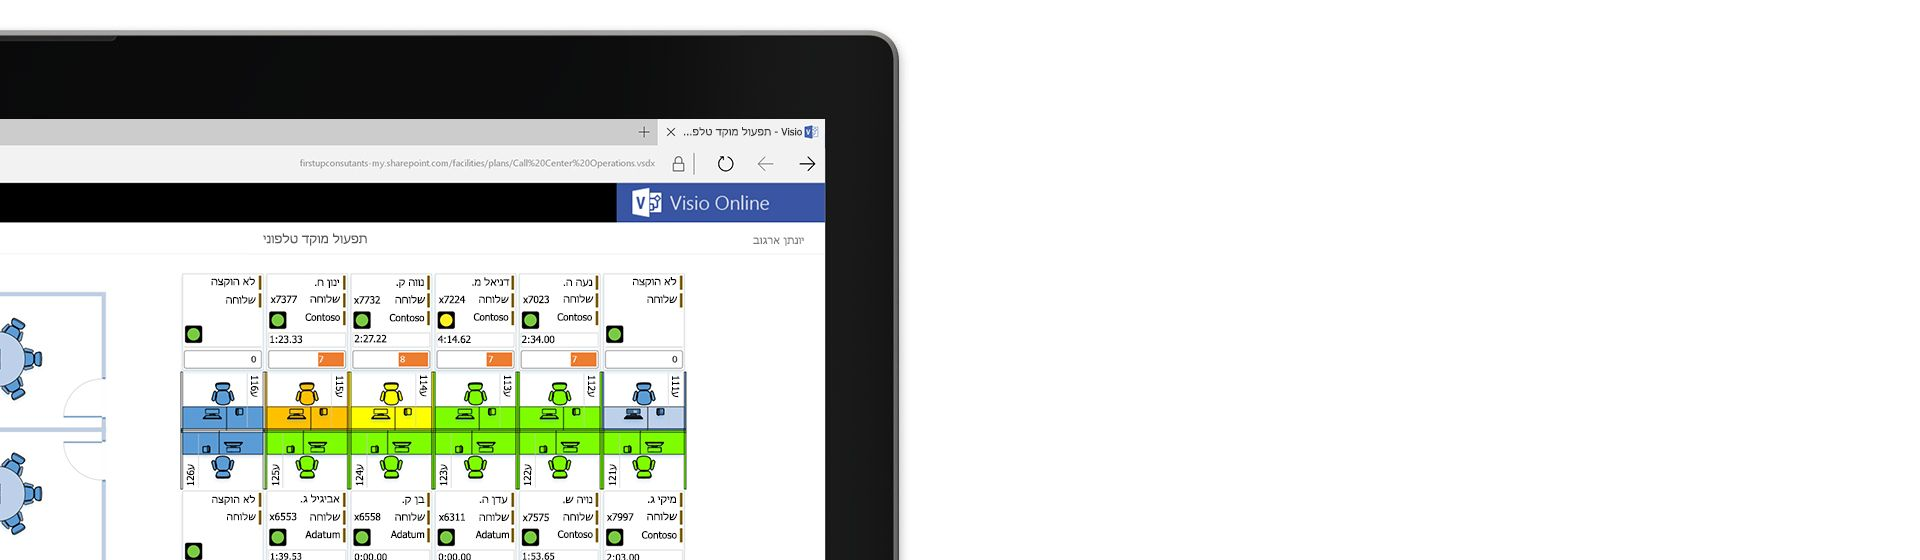 פינת מסך במחשב Tablet המציג דיאגרמה של תוכנית קומה של מוקד טלפוני ב- Visio